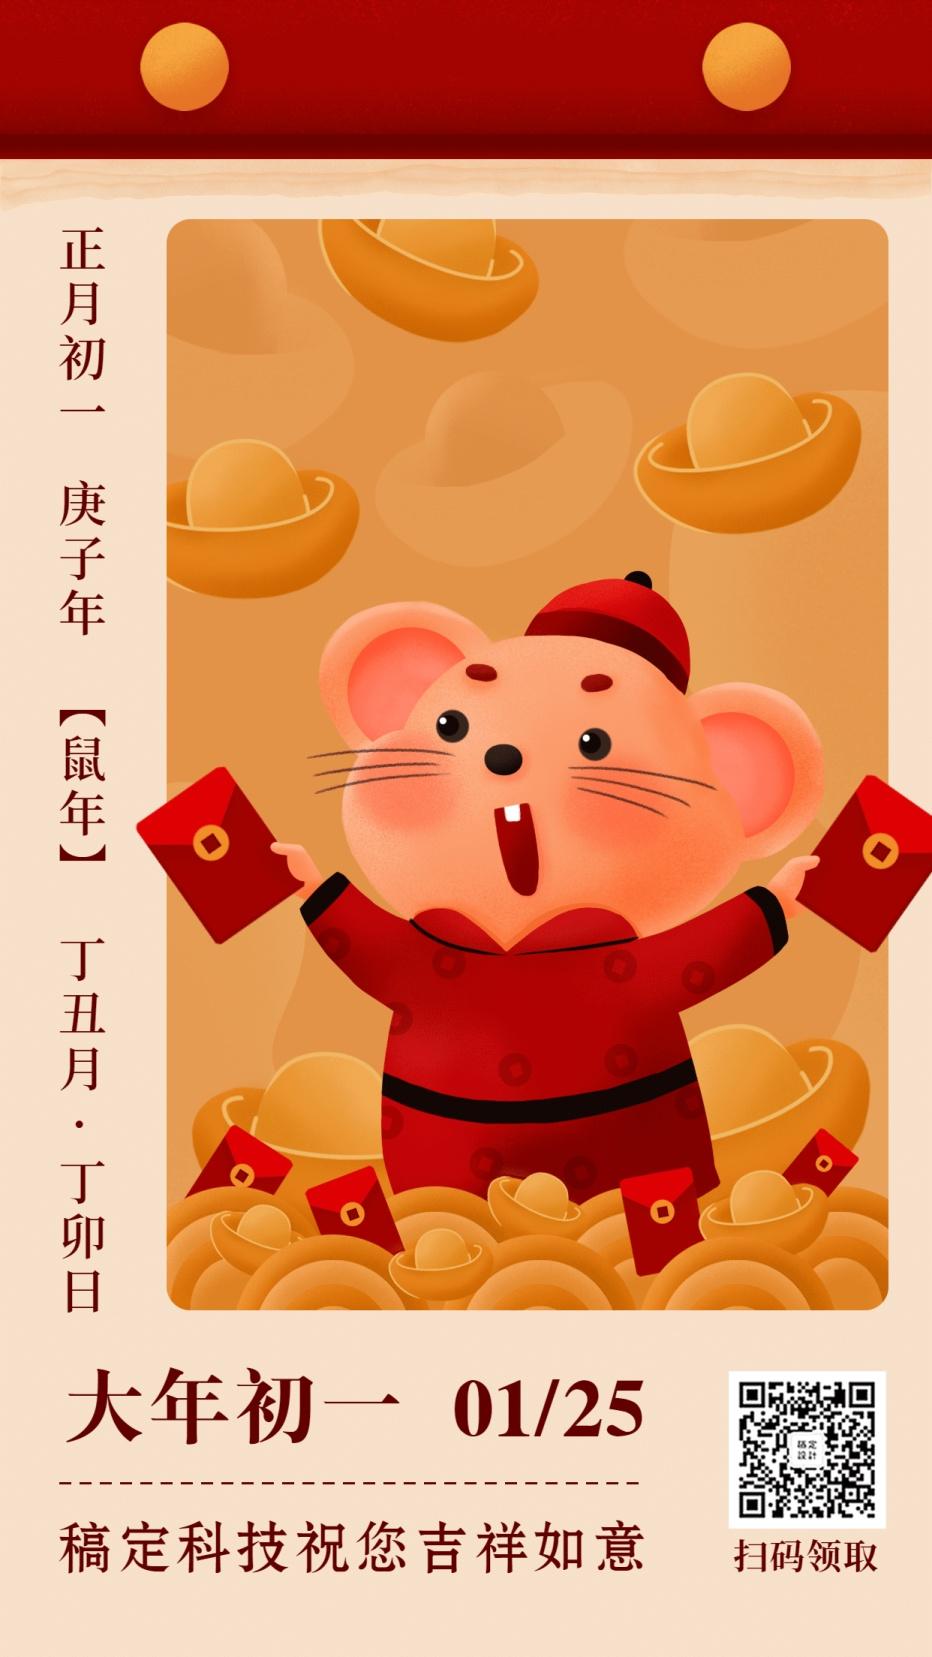 春节新年新春祝福鼠年大年初一日历手绘可爱手机海报